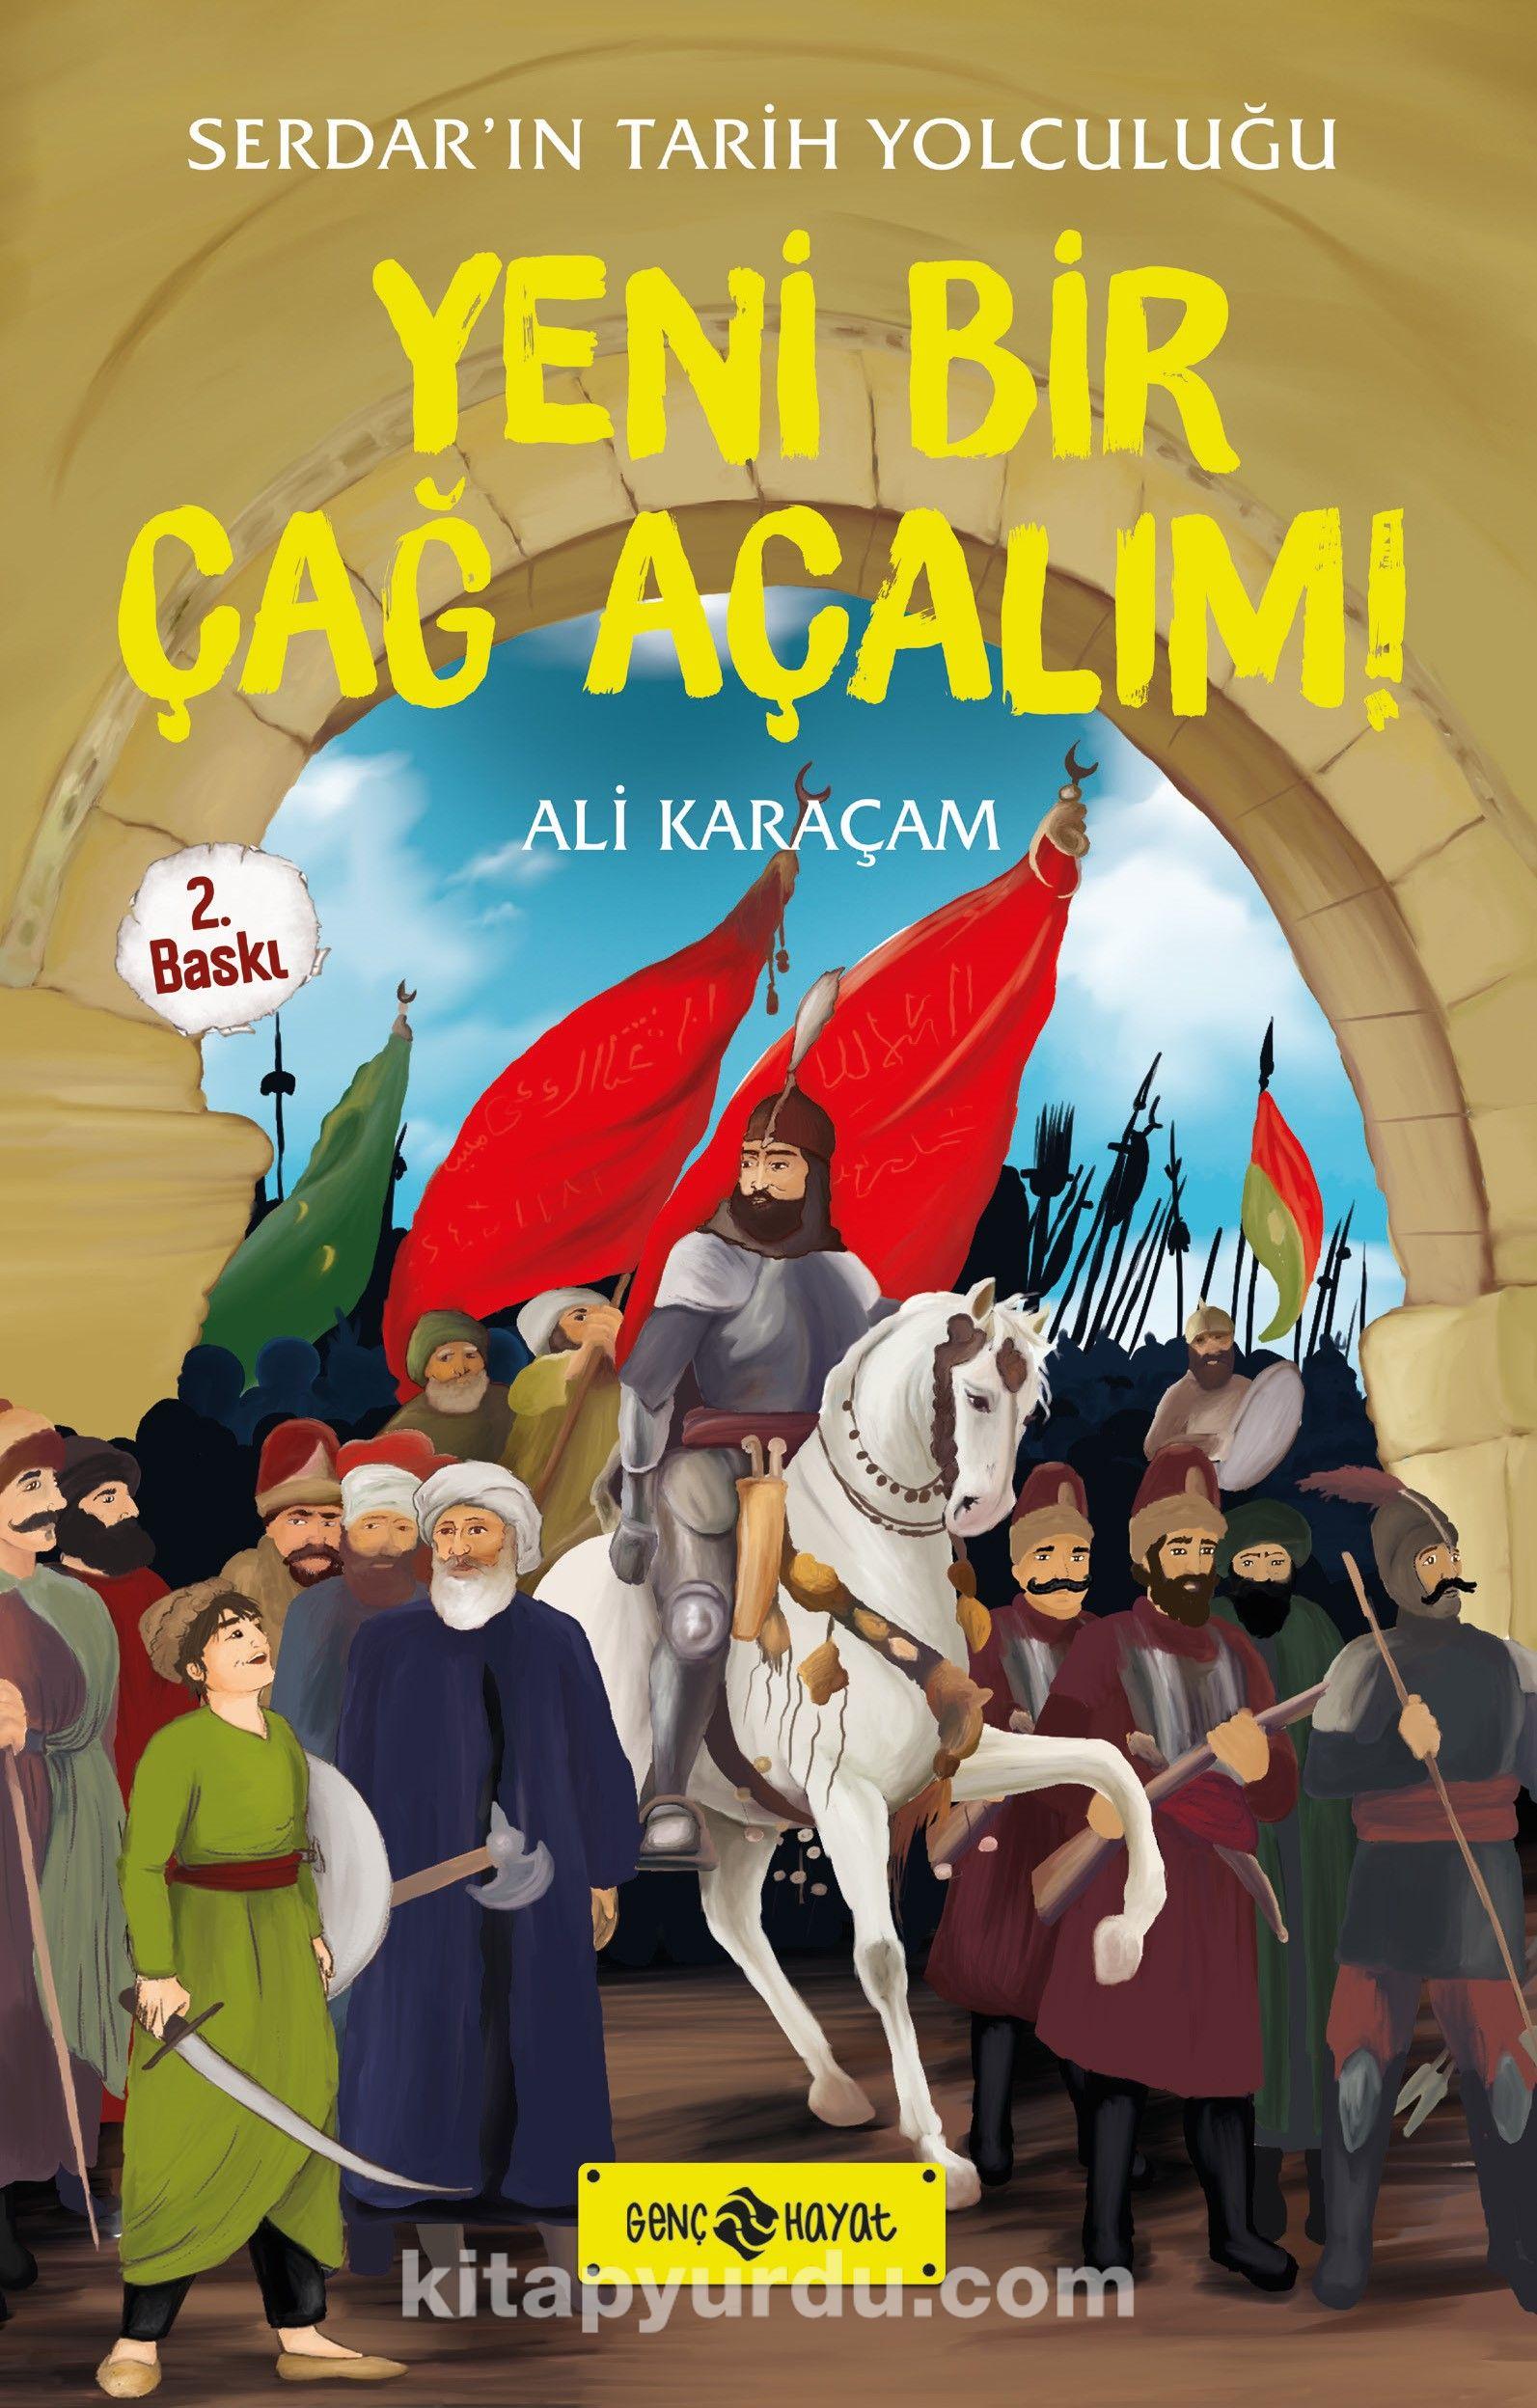 Yeni Bir Çağ Açalım! / Serdar'ın Tarih Yolculuğu 2 - Ali Karaçam pdf epub